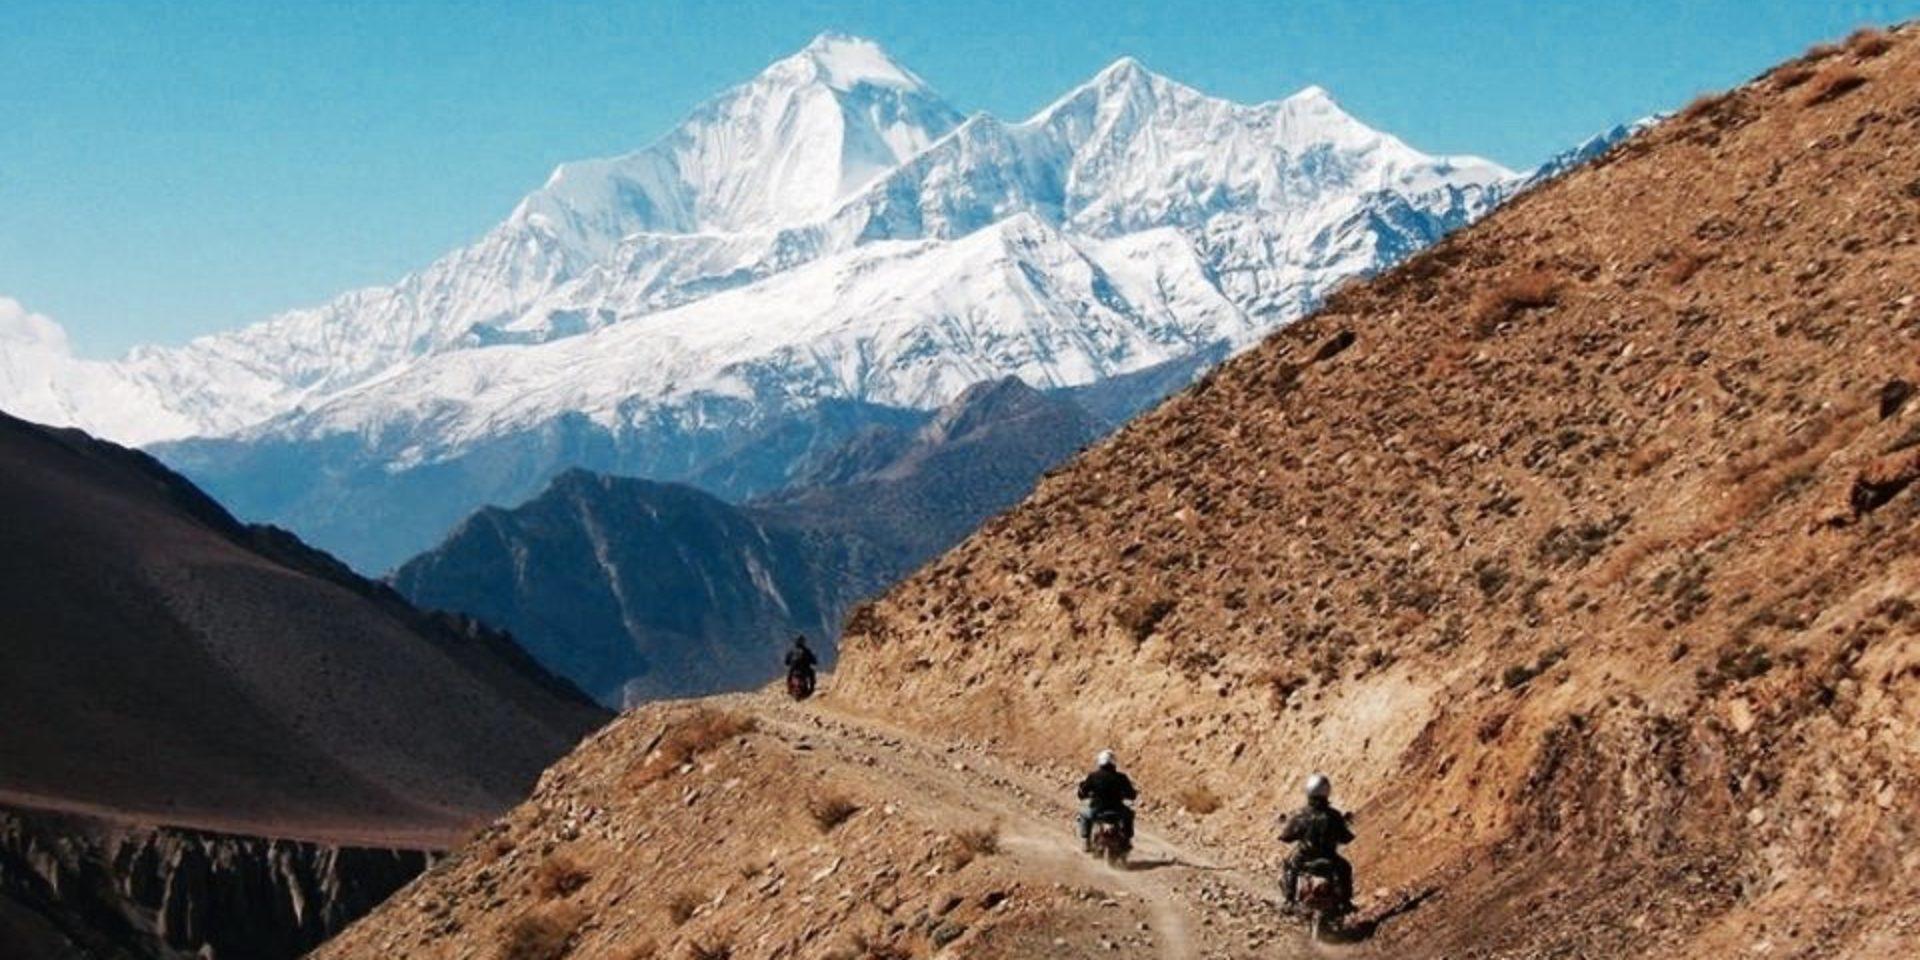 Motorrad-Roadtrip Nepal & Bhutan - Mustang, die legendäre Tour